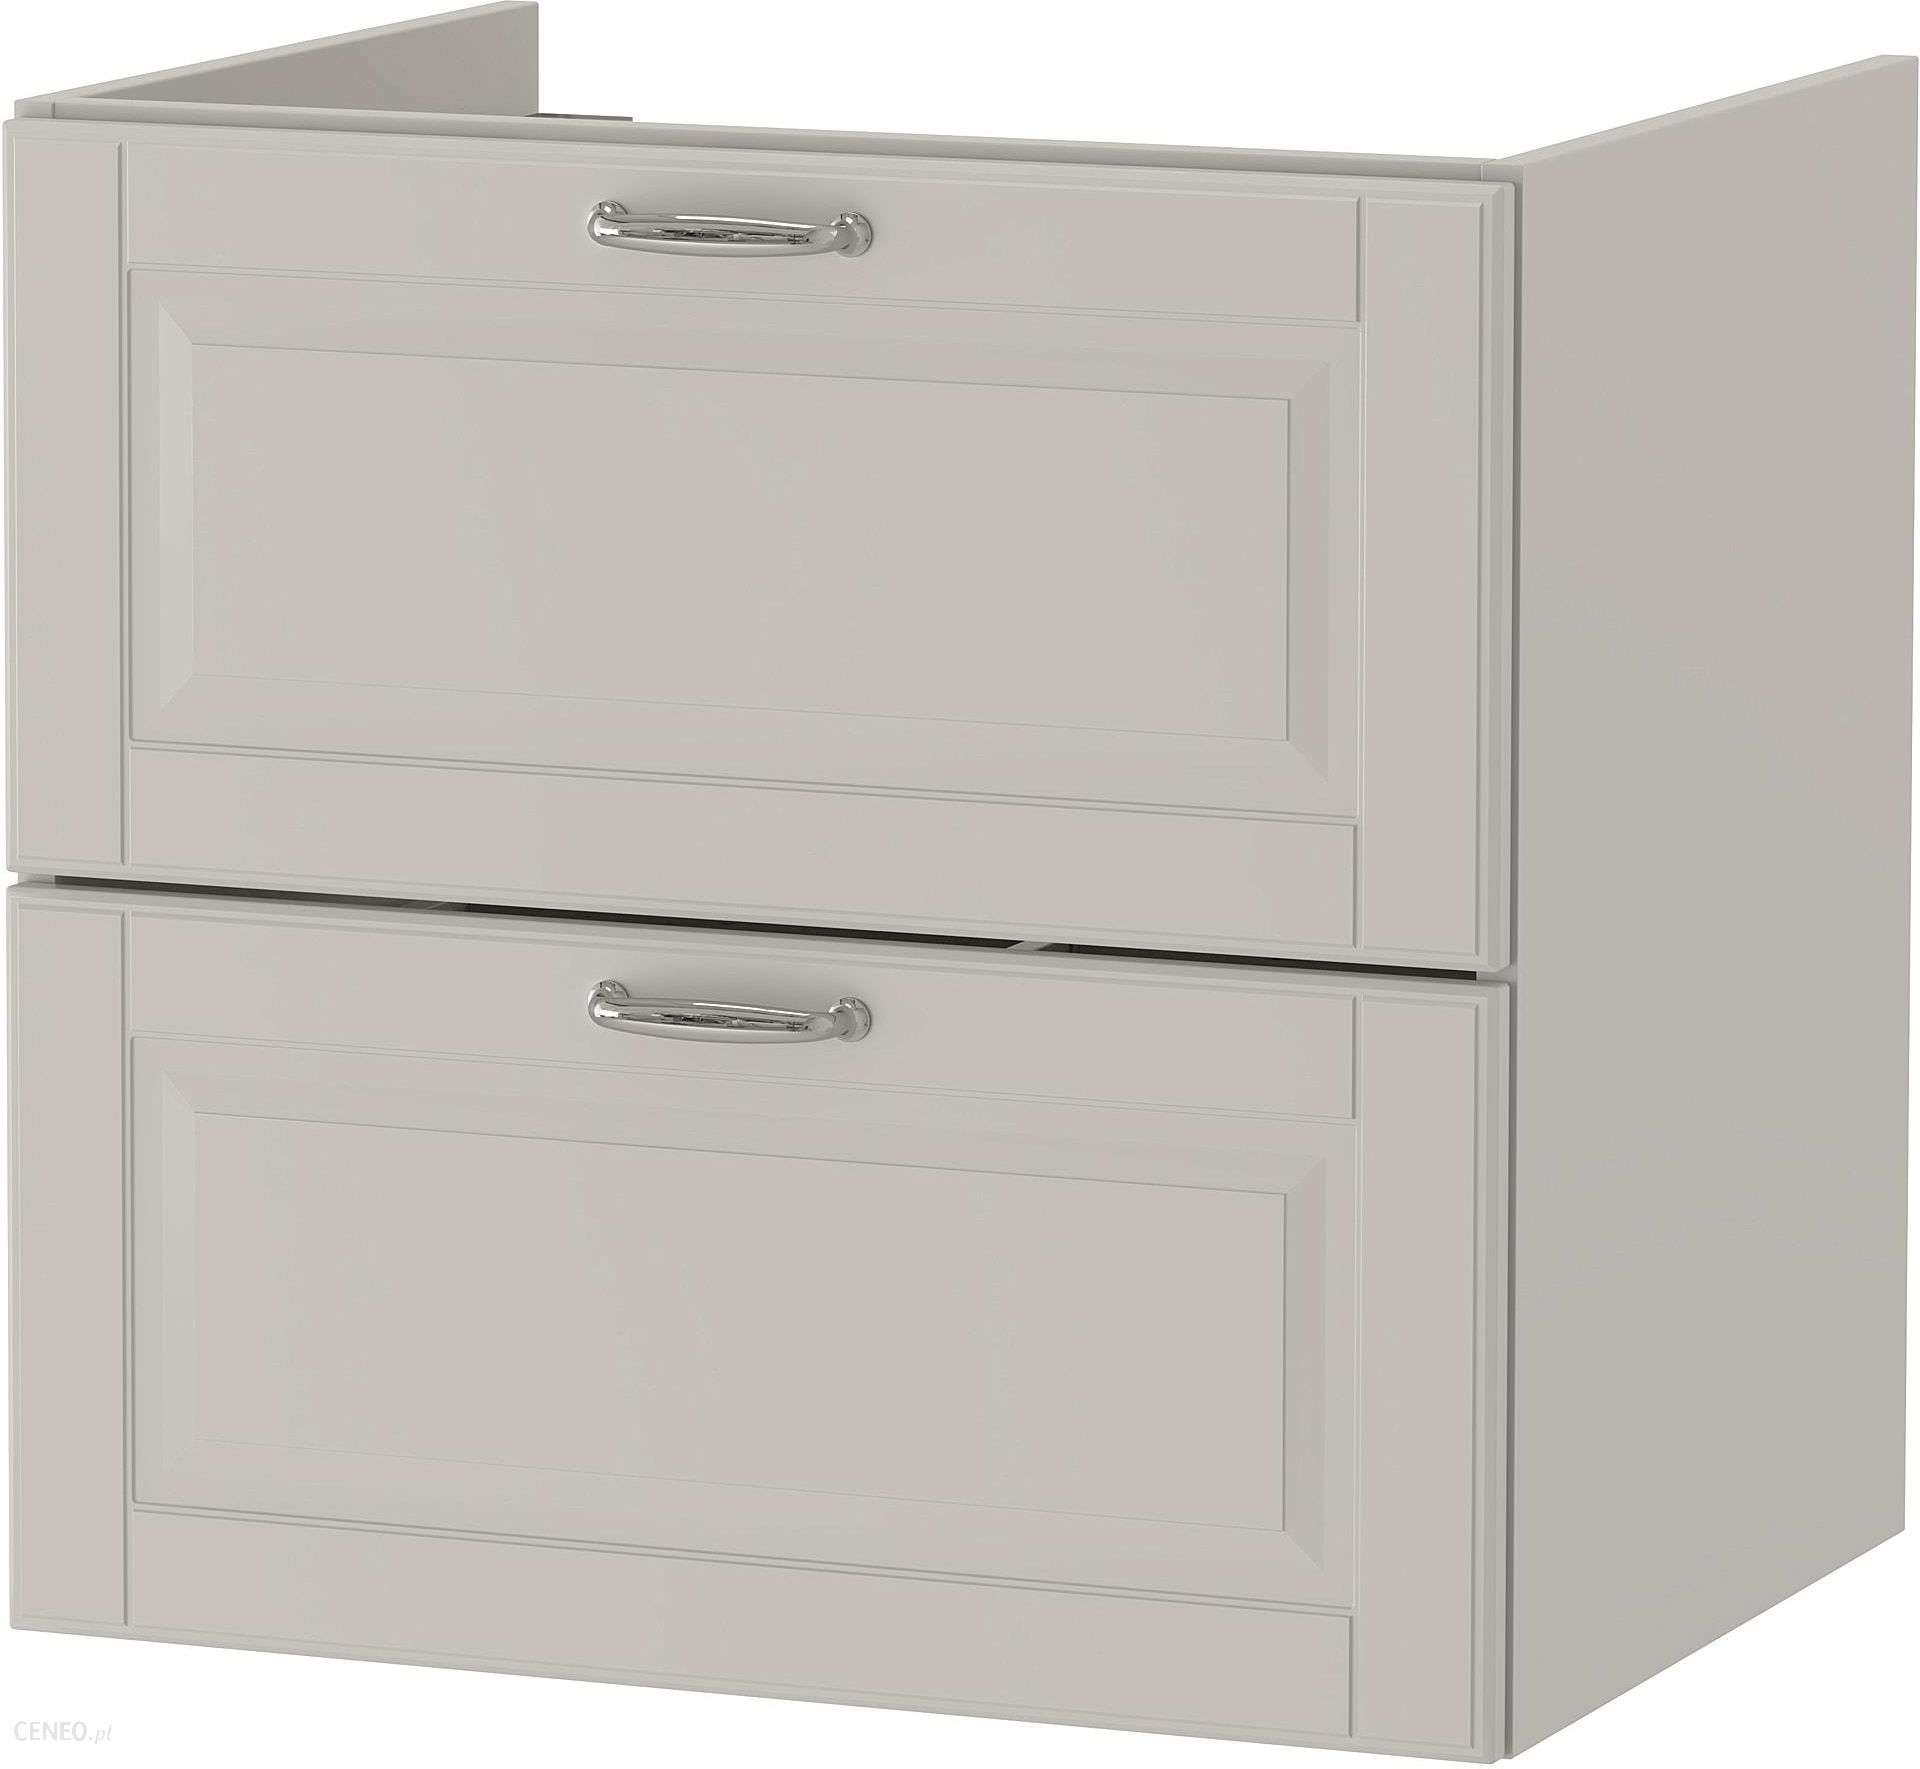 Ikea Godmorgon Szafka Pod Umywalkę Z 2 Szufladami 10387628 Opinie I Atrakcyjne Ceny Na Ceneopl